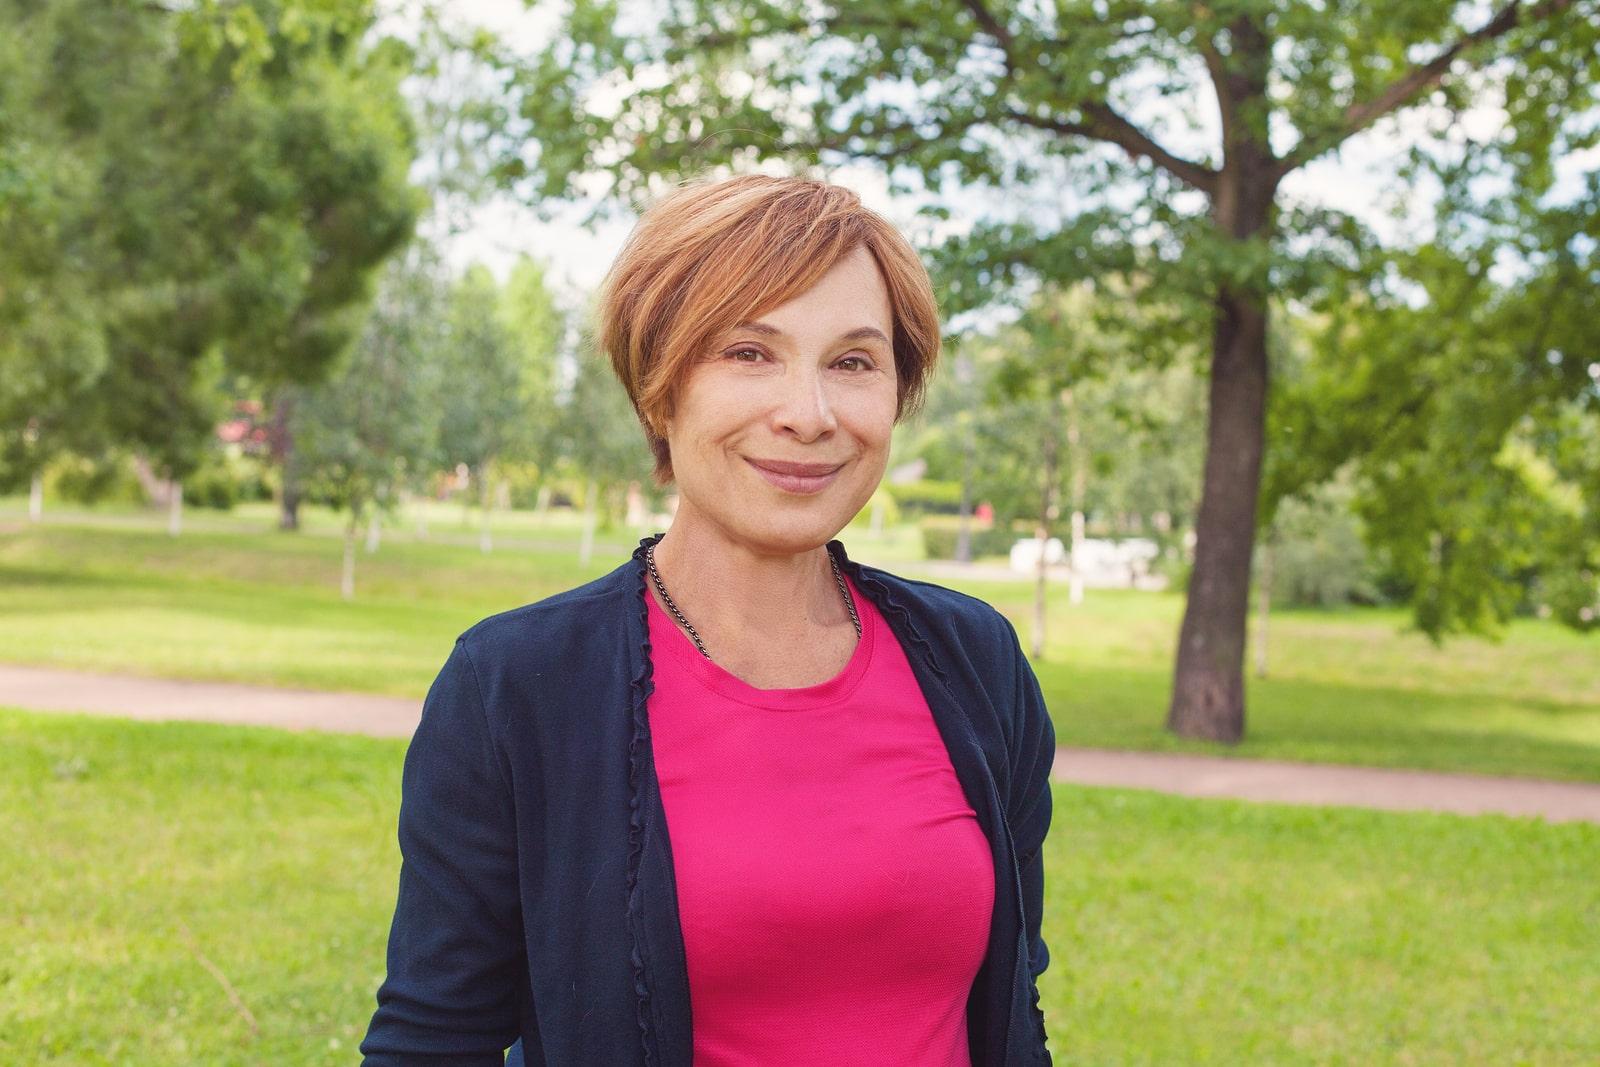 menopausal woman in park